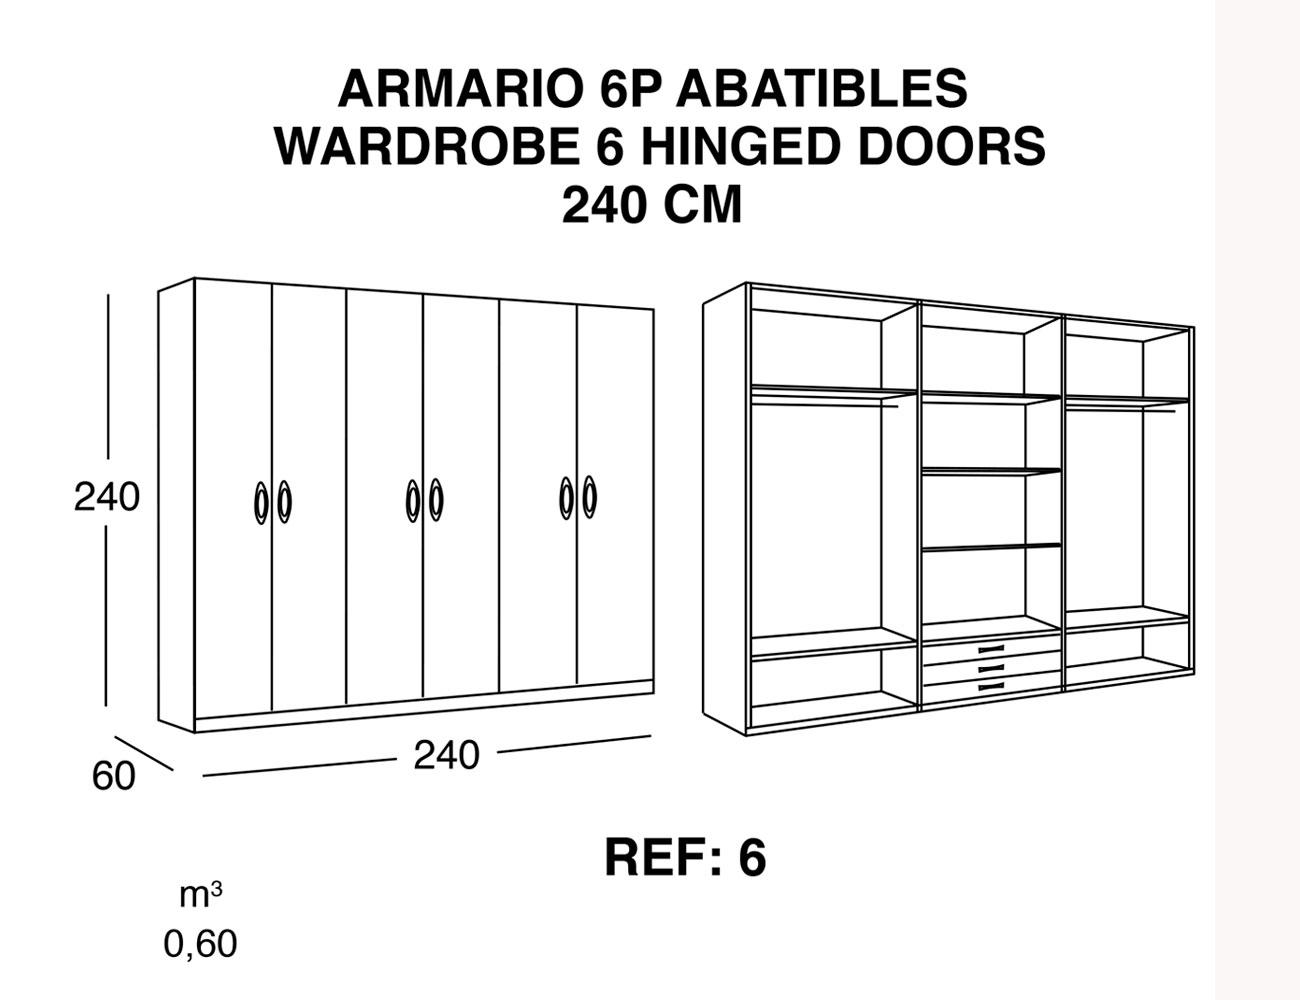 Armario 6p abatibles 240